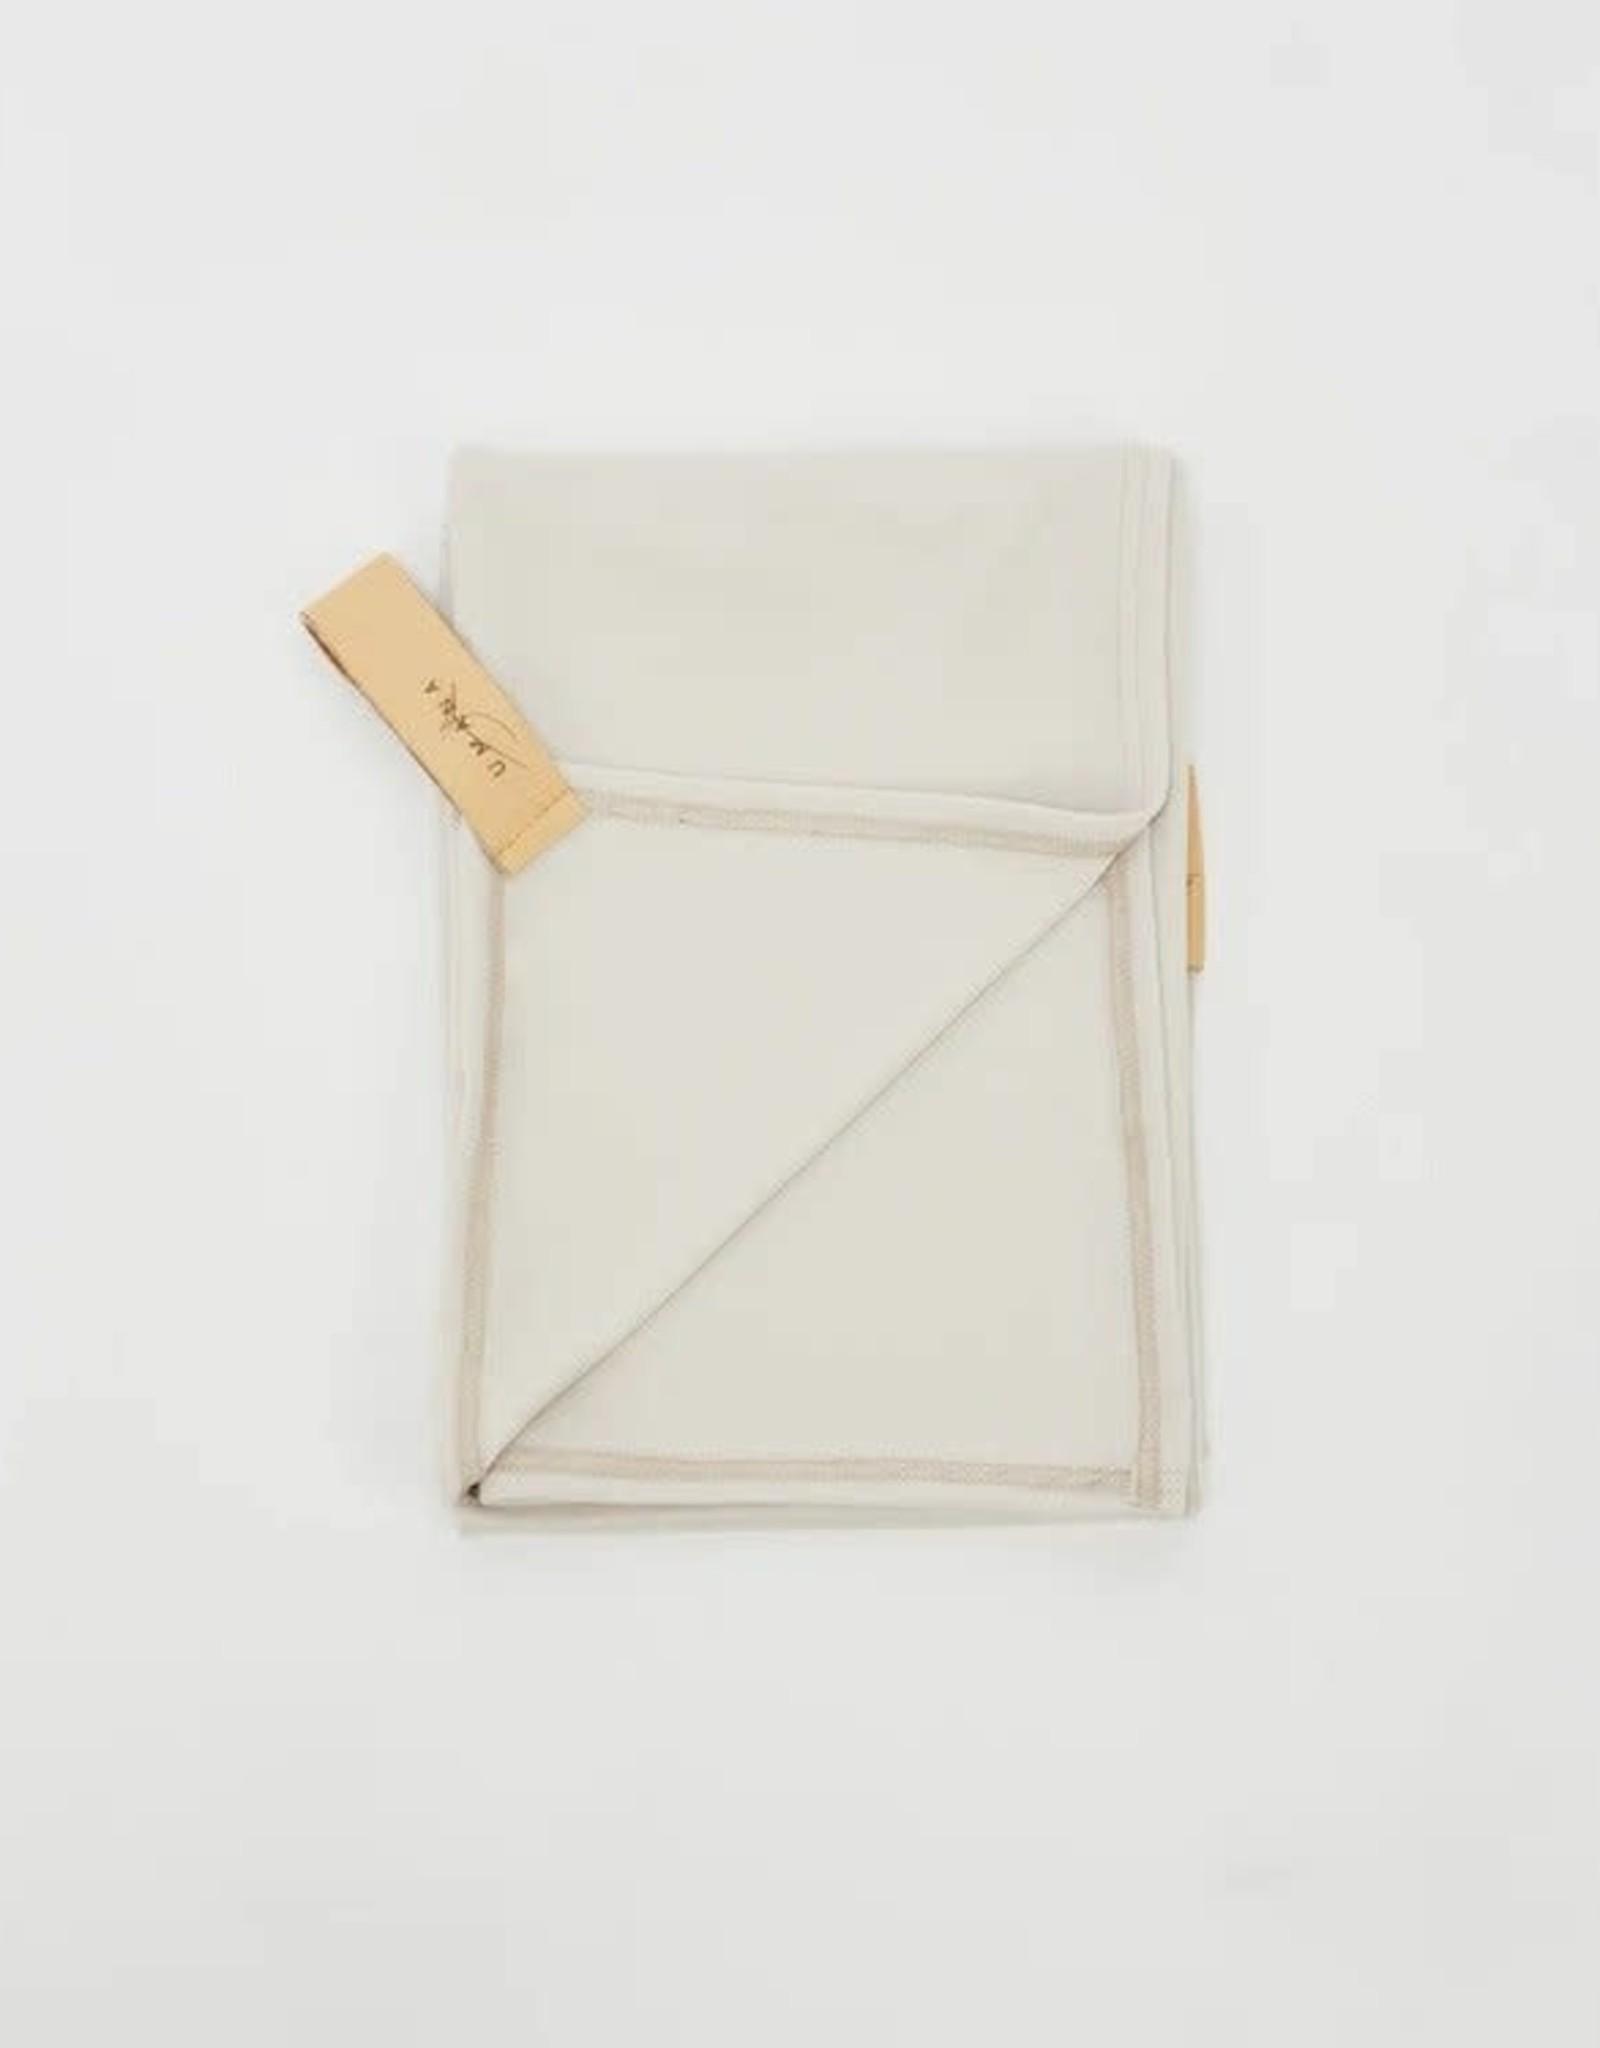 Umana TTender Blanket - Choose your color